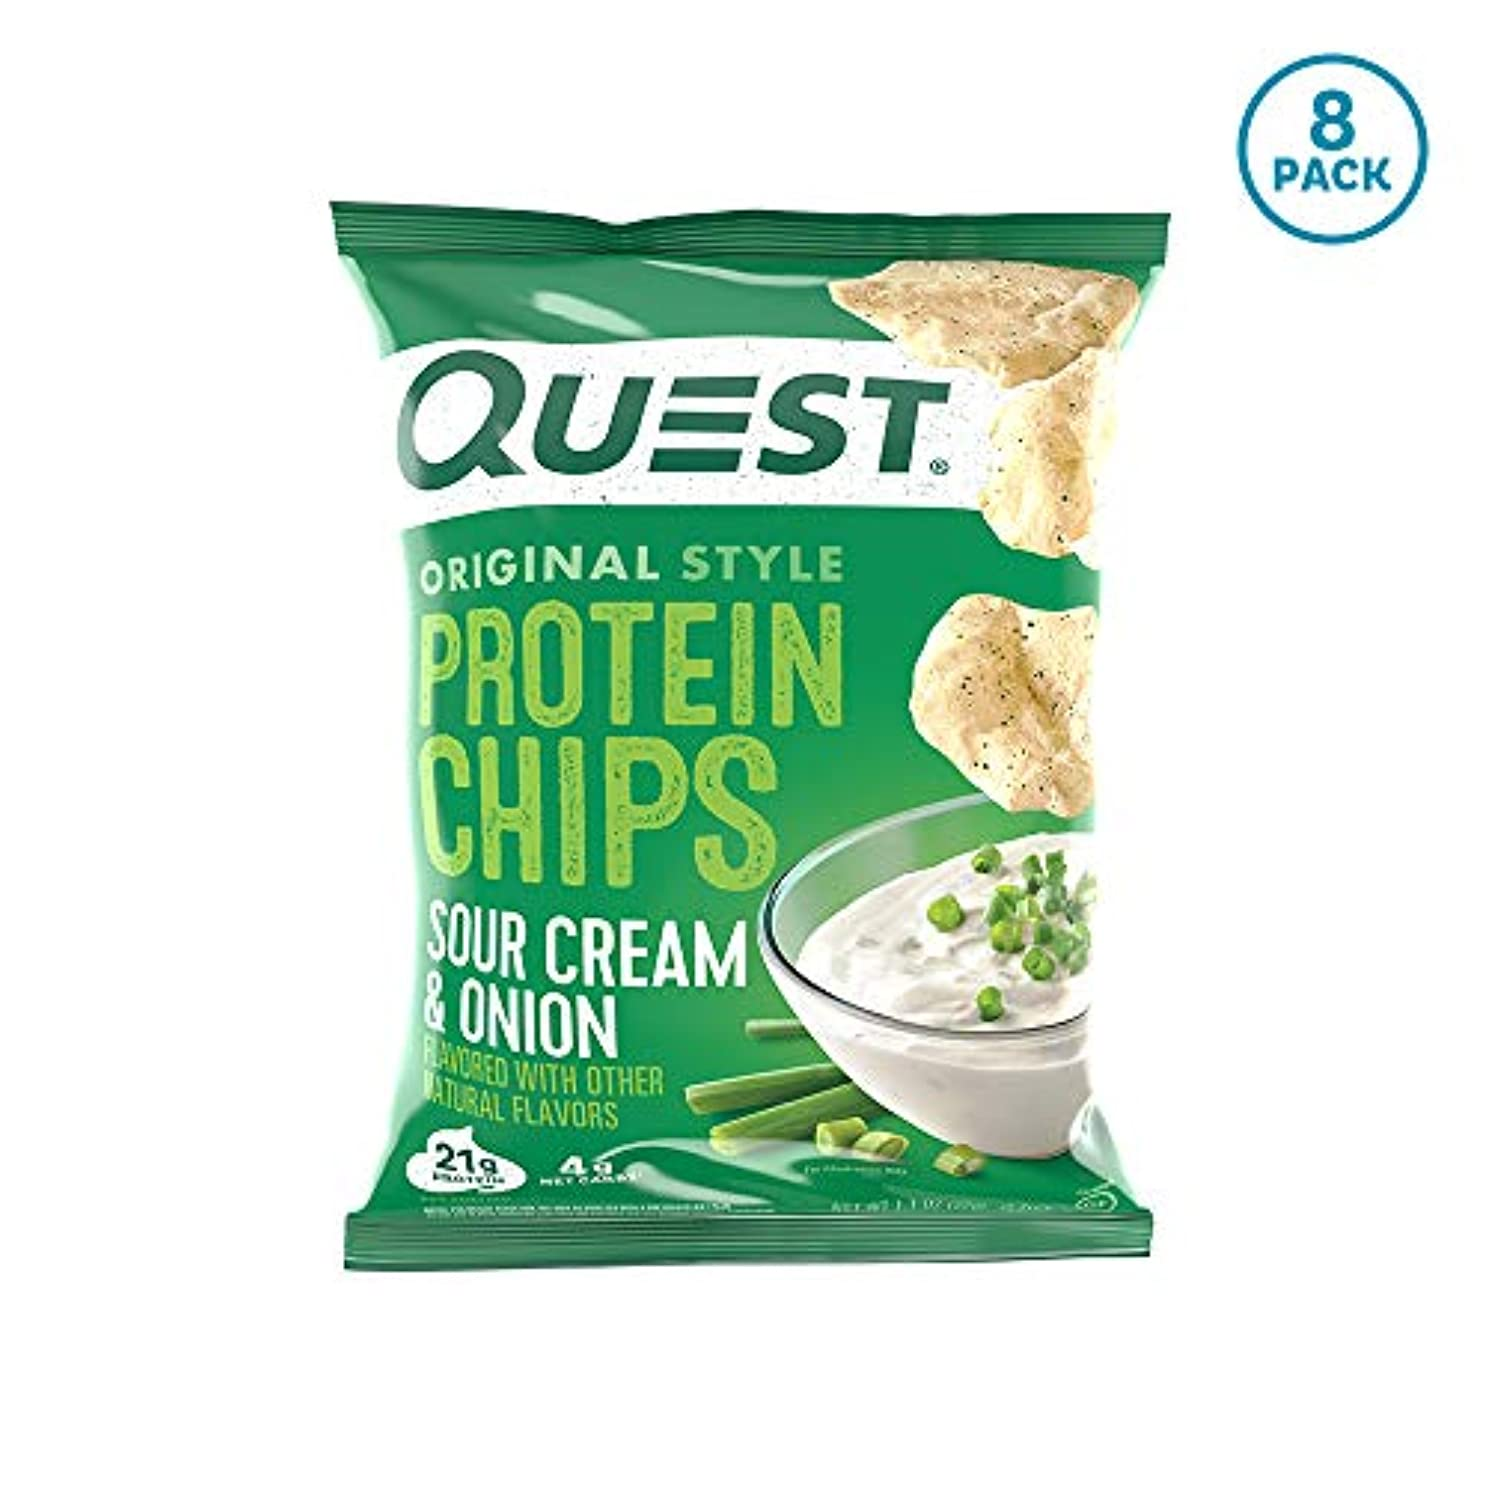 皮肉哺乳類同時プロテイン チップス サワークリーム&オニオン フレイバー クエスト 8袋セット 並行輸入品 Quest Nutrition Protein Chips Sour Cream & Onion Pack of 8 海外直送品